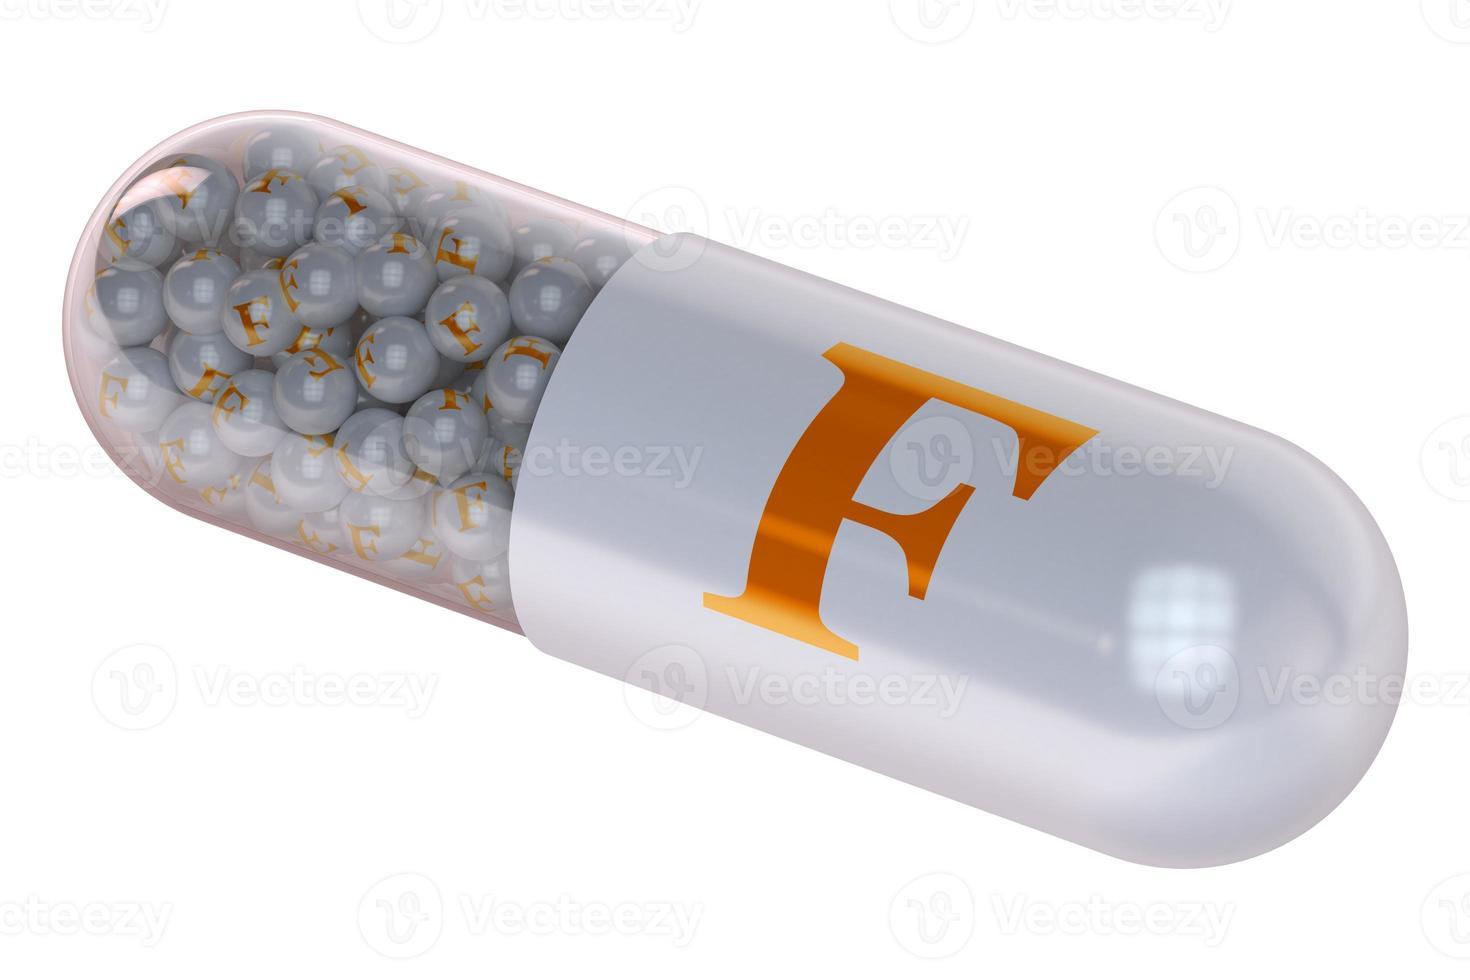 capsule de vitamine f photo